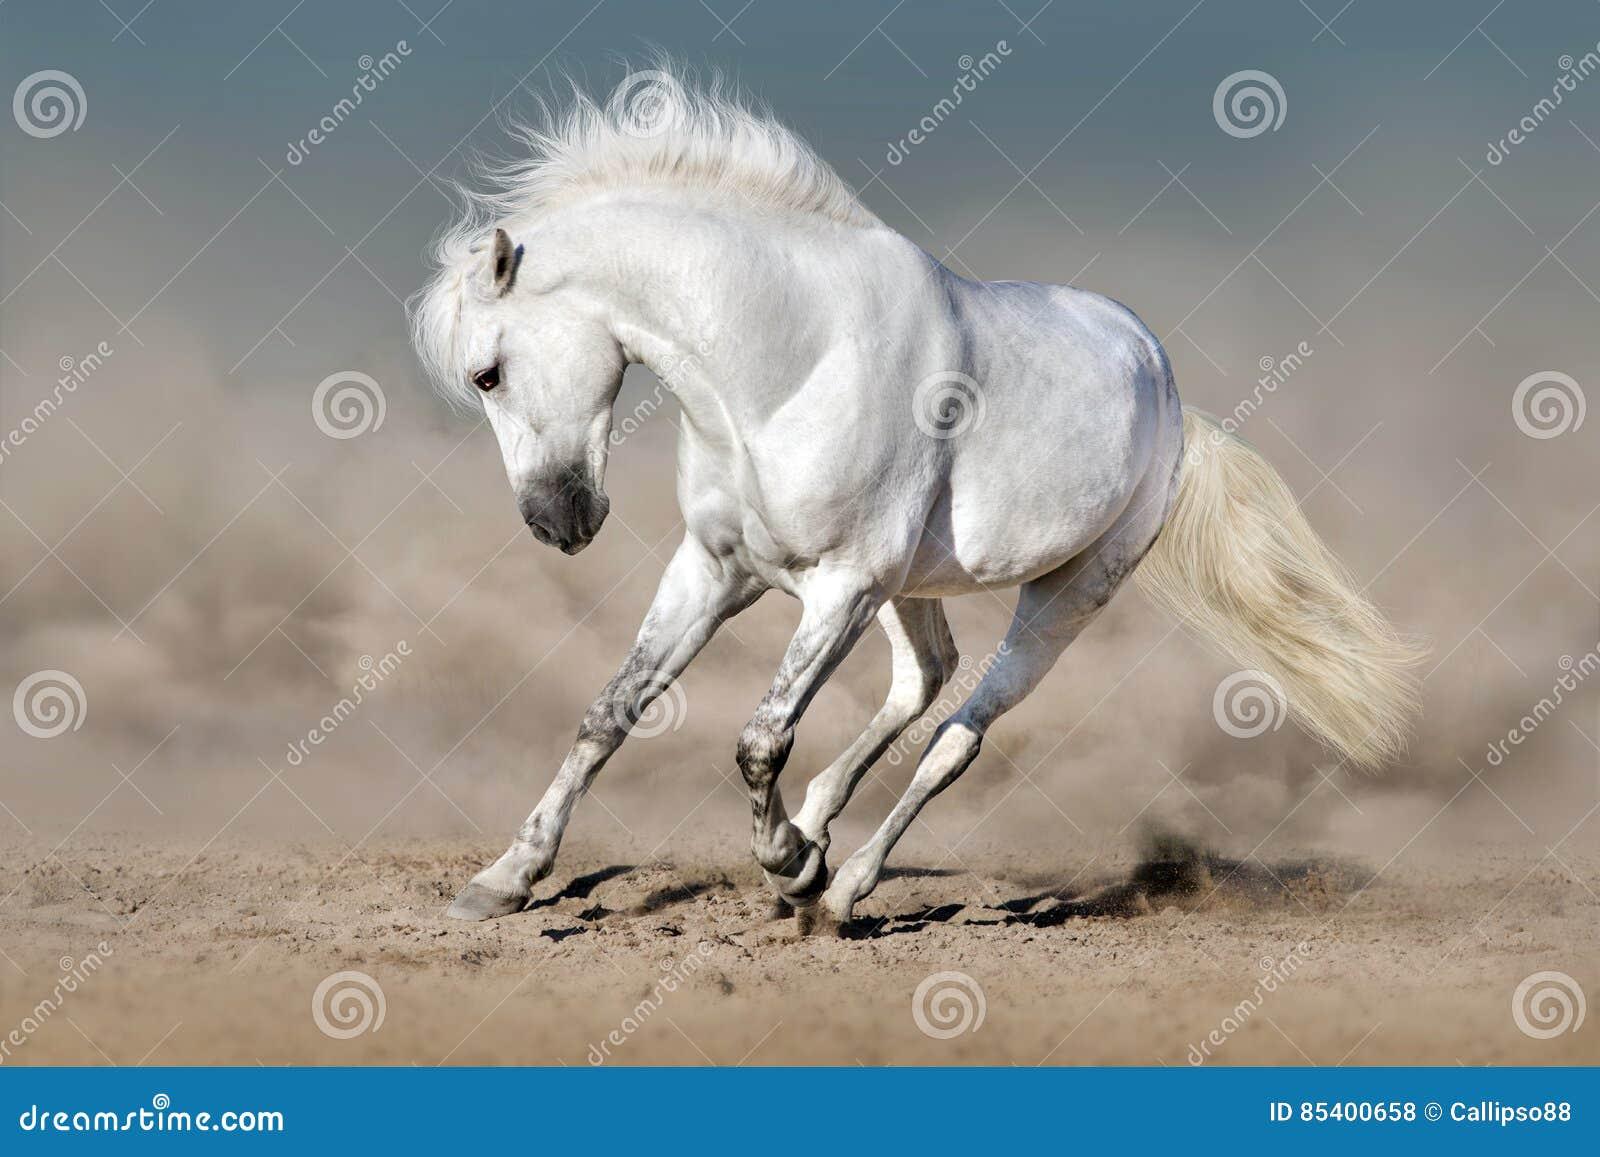 Wit paard in woestijn